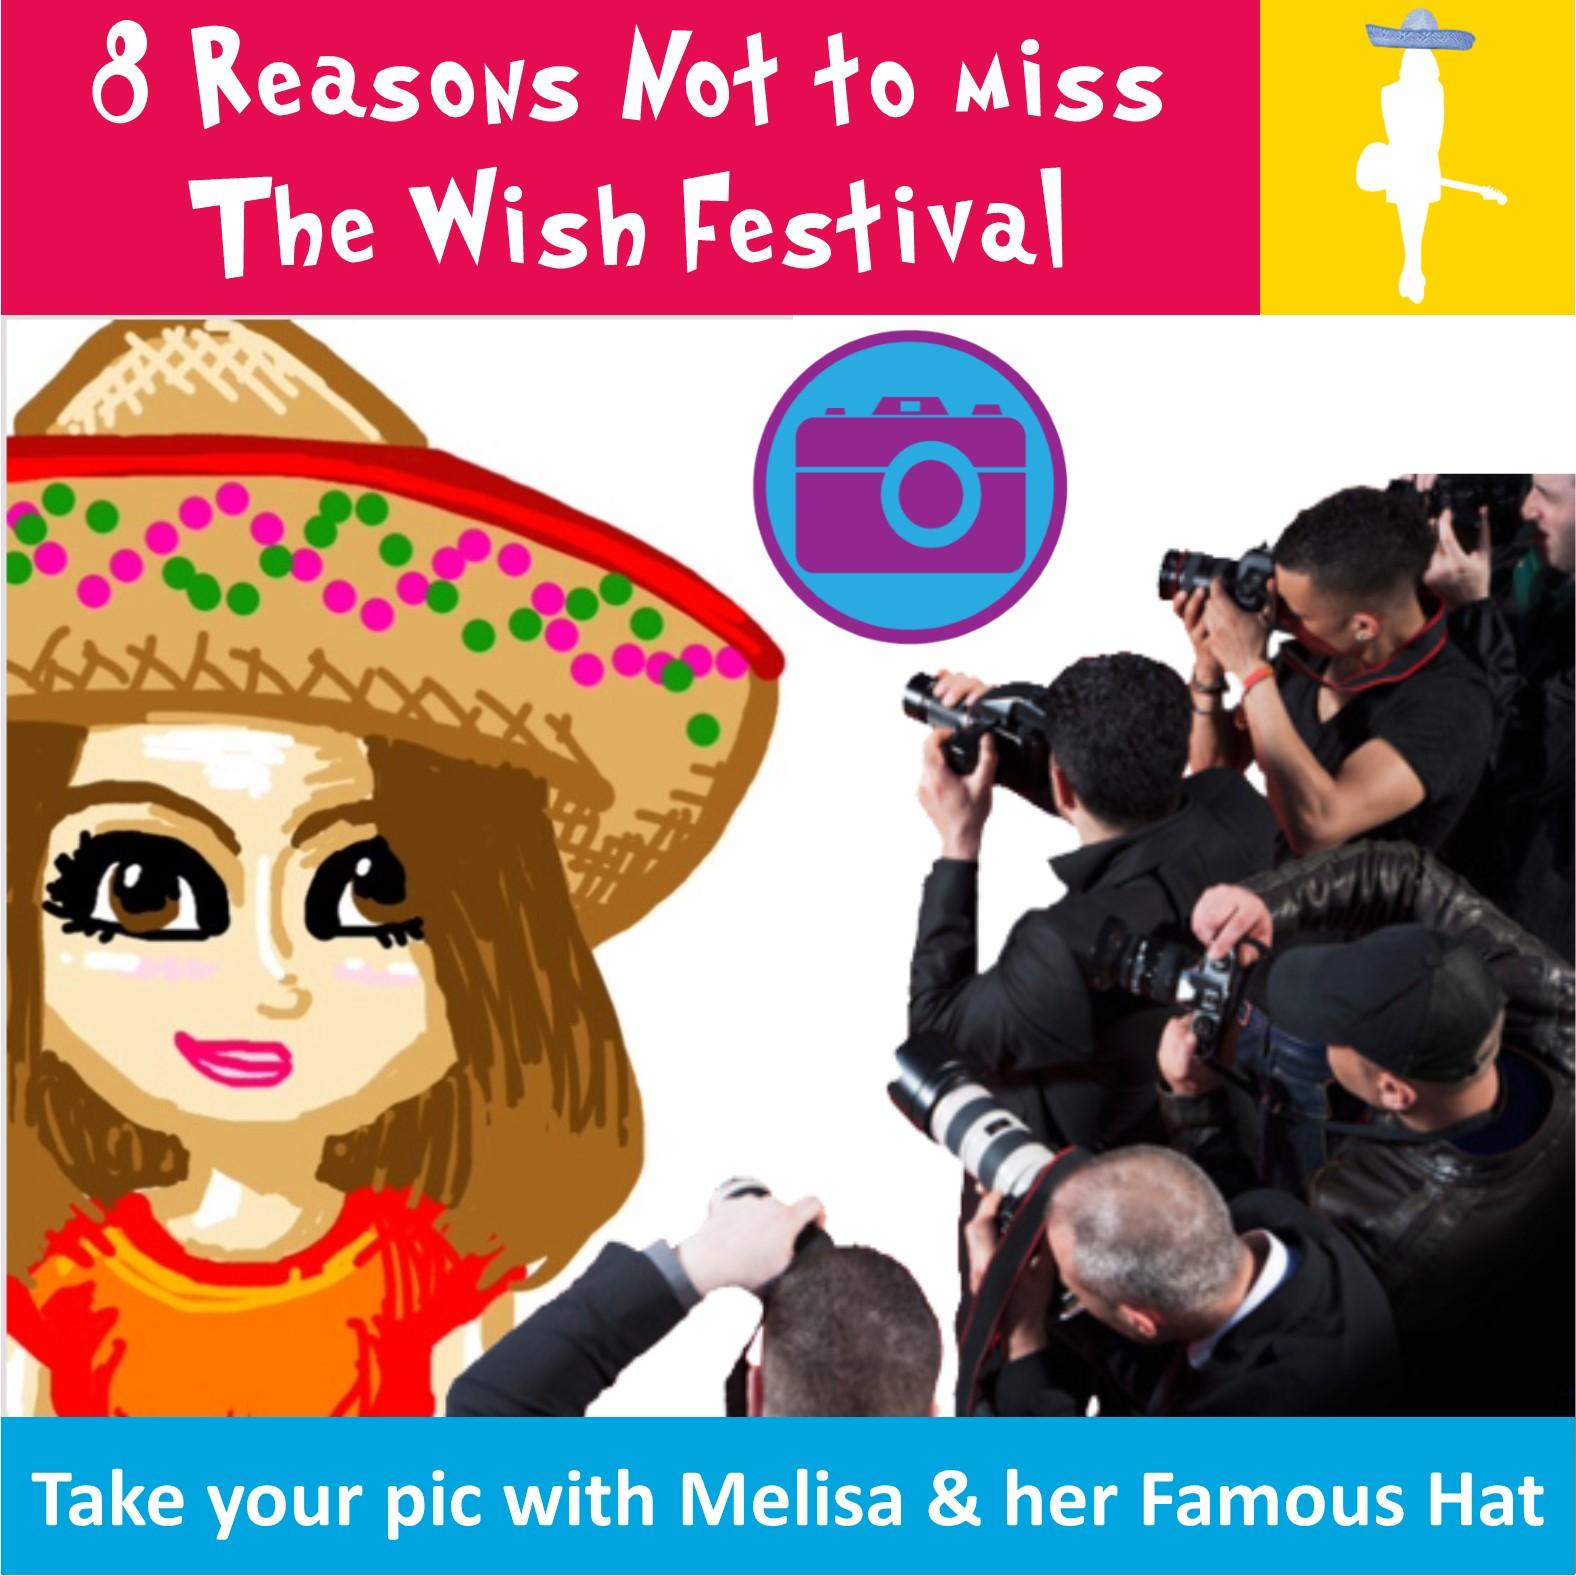 Beatie Wolfe - Wish Festival - 8 reasons - Melisa.jpg